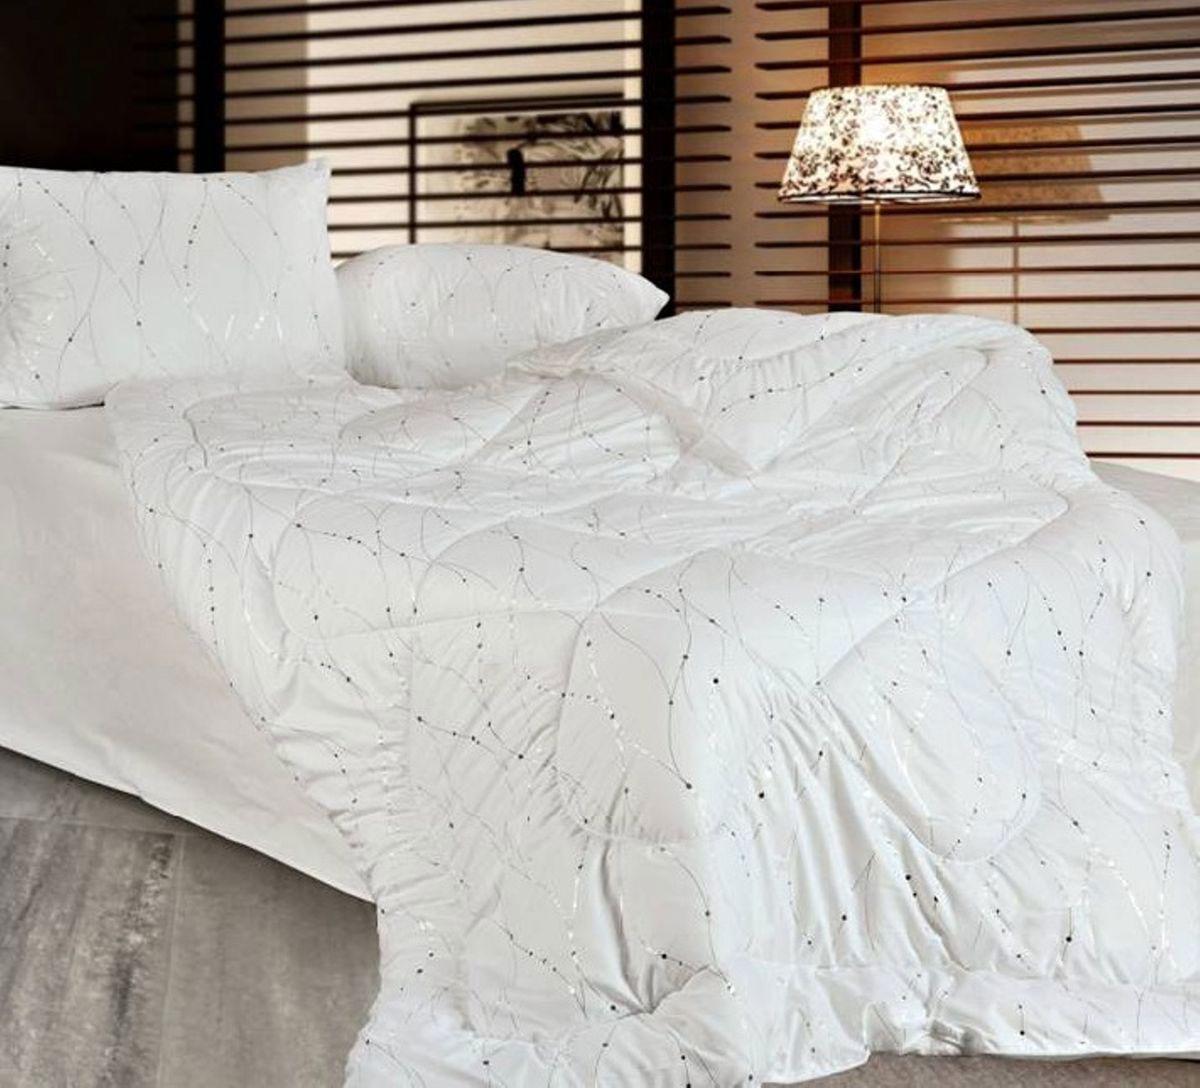 Подушка Home & Style, цвет: белый, 50 х 70 см182909Классическая подушка с экологичным наполнителем (соевое волокно) и стильным верхом - серебро на белом фоне. Чехол изготовлен из микрофибры. Размер подушки: 50 х 70 см.